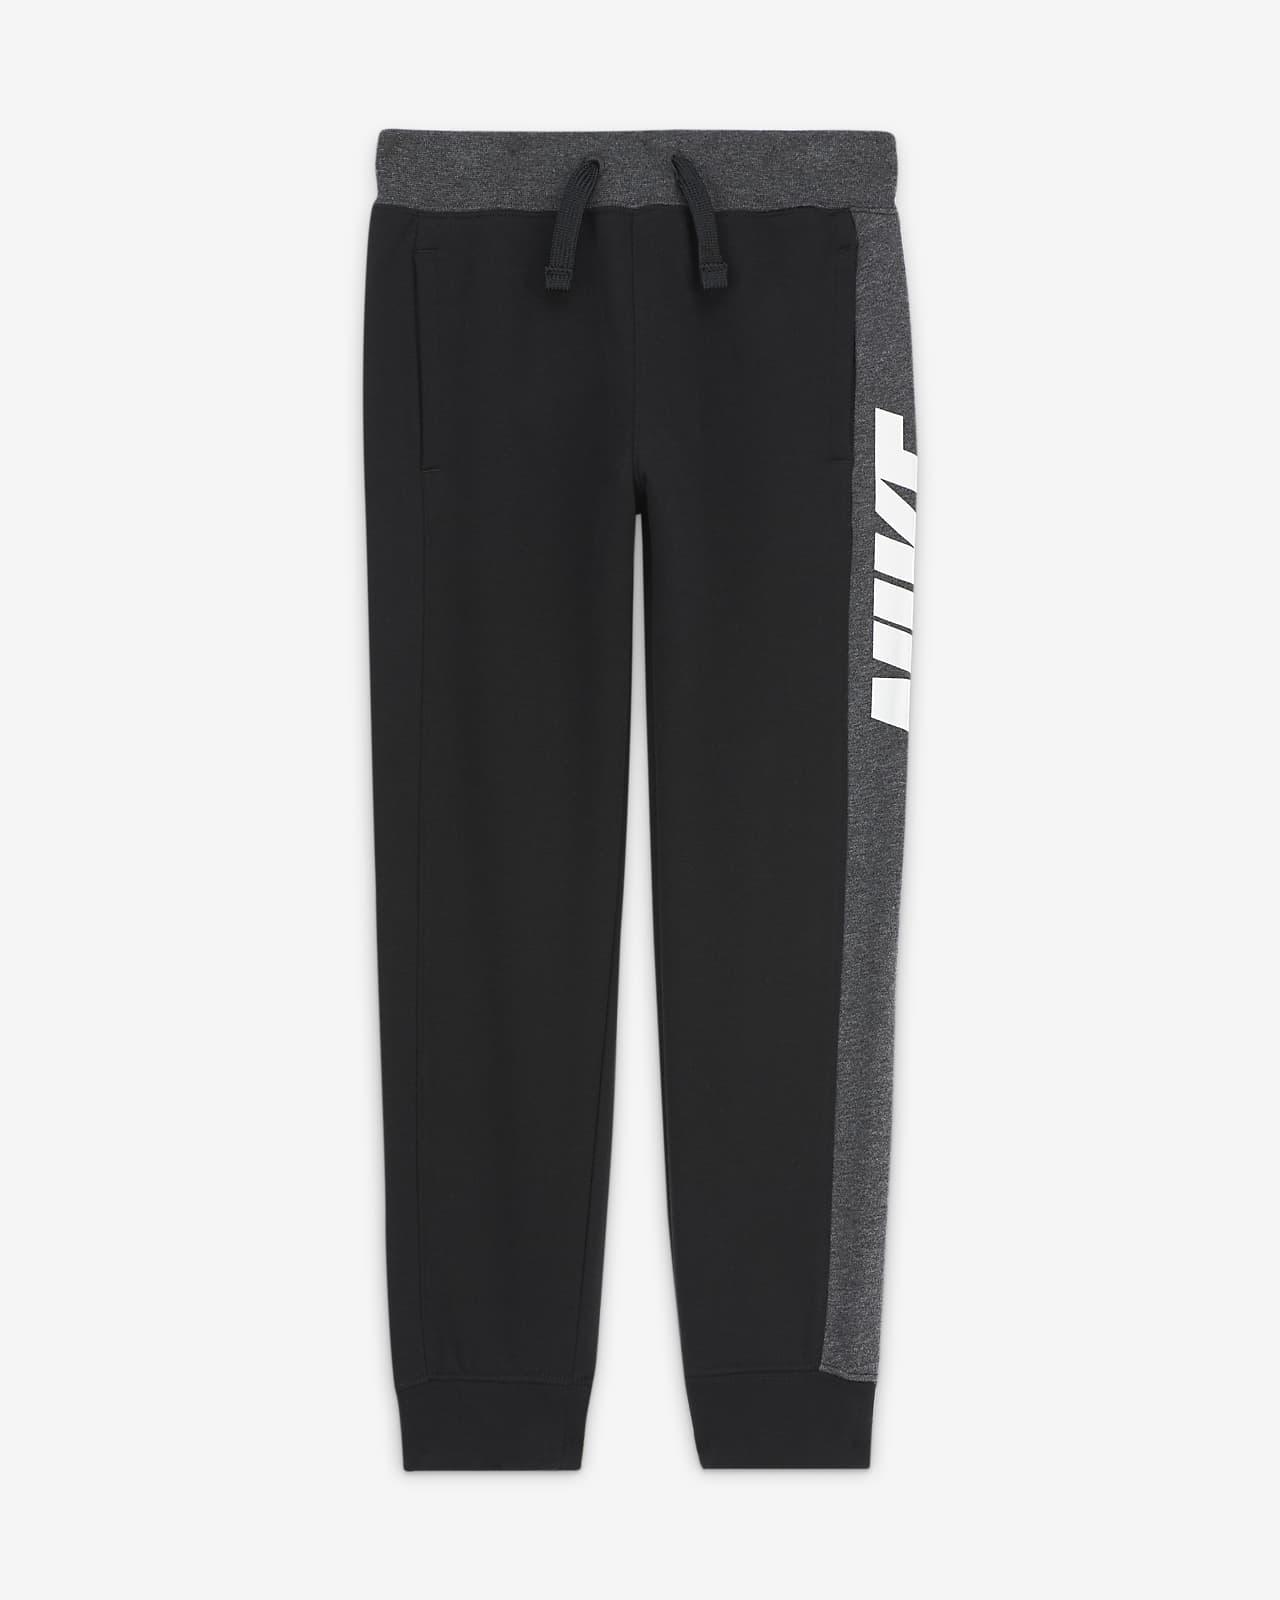 Nike 幼童长裤